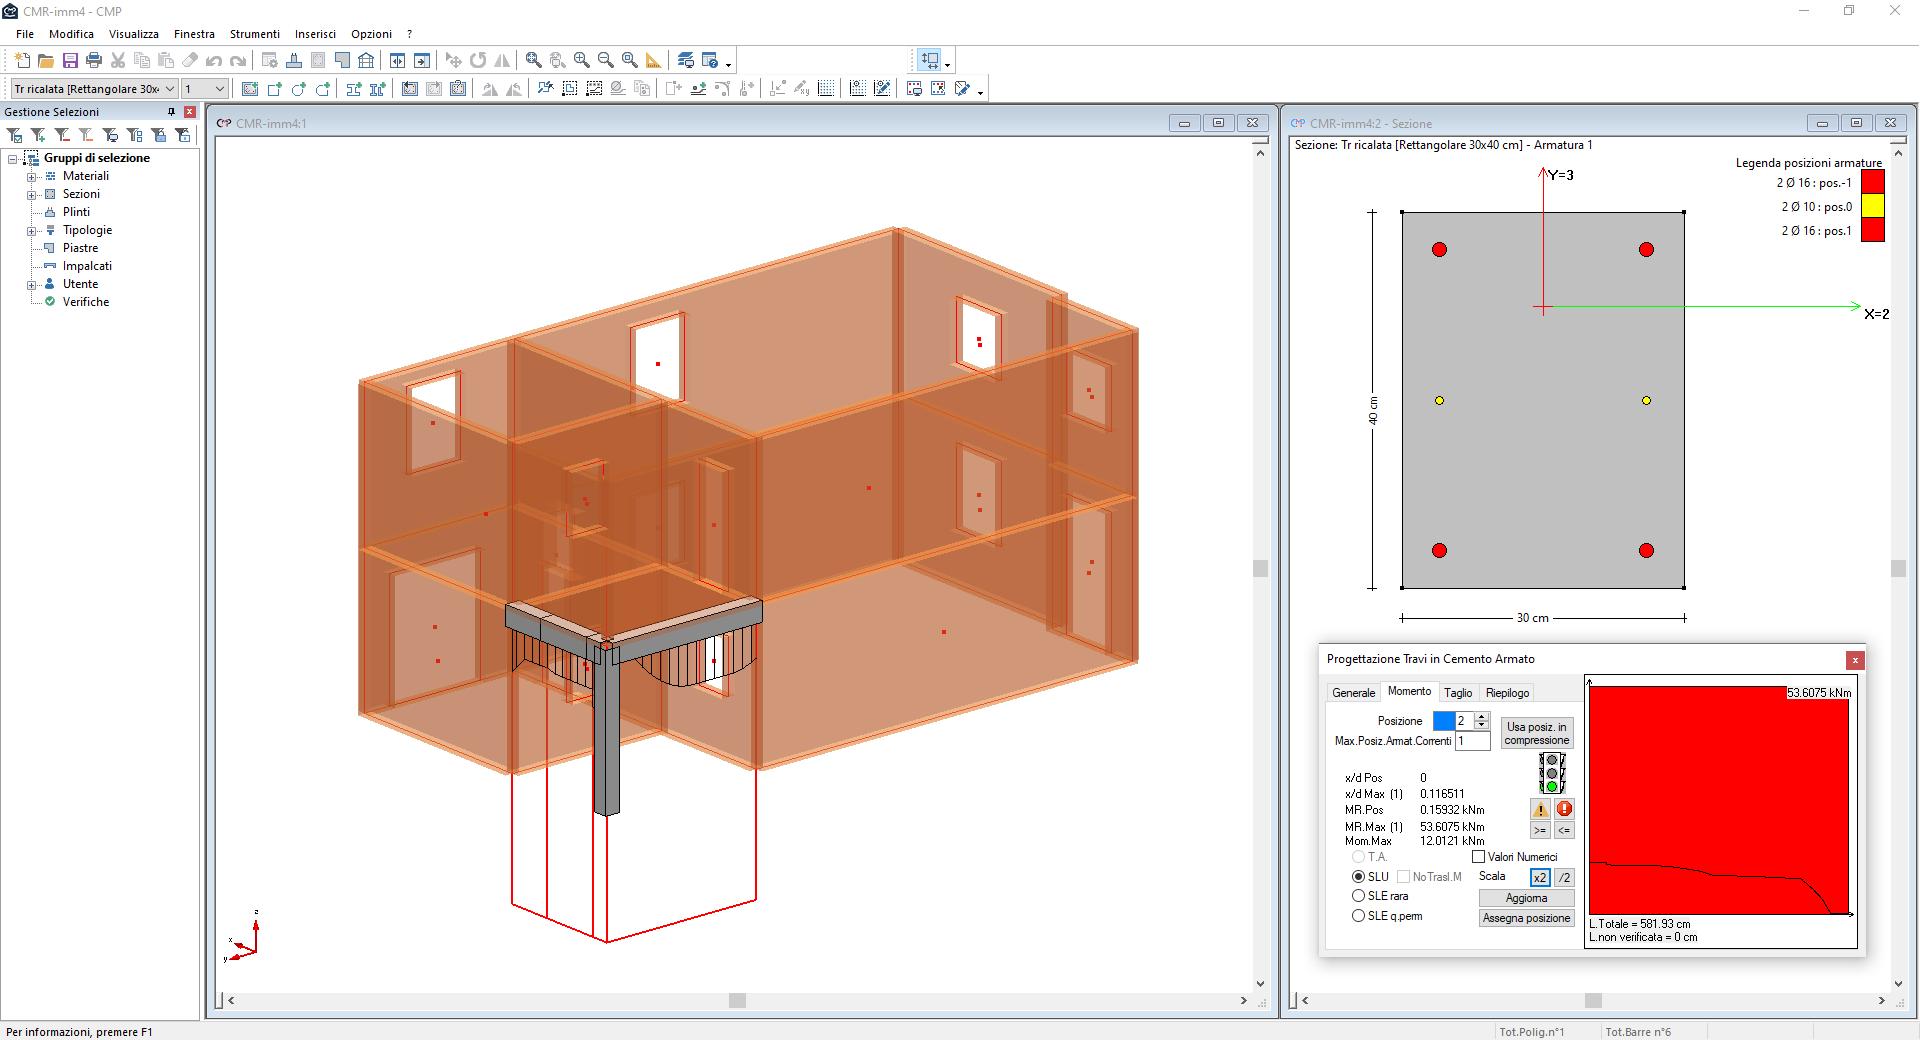 Progettazione e verifica di strutture miste acciaio - c.a.